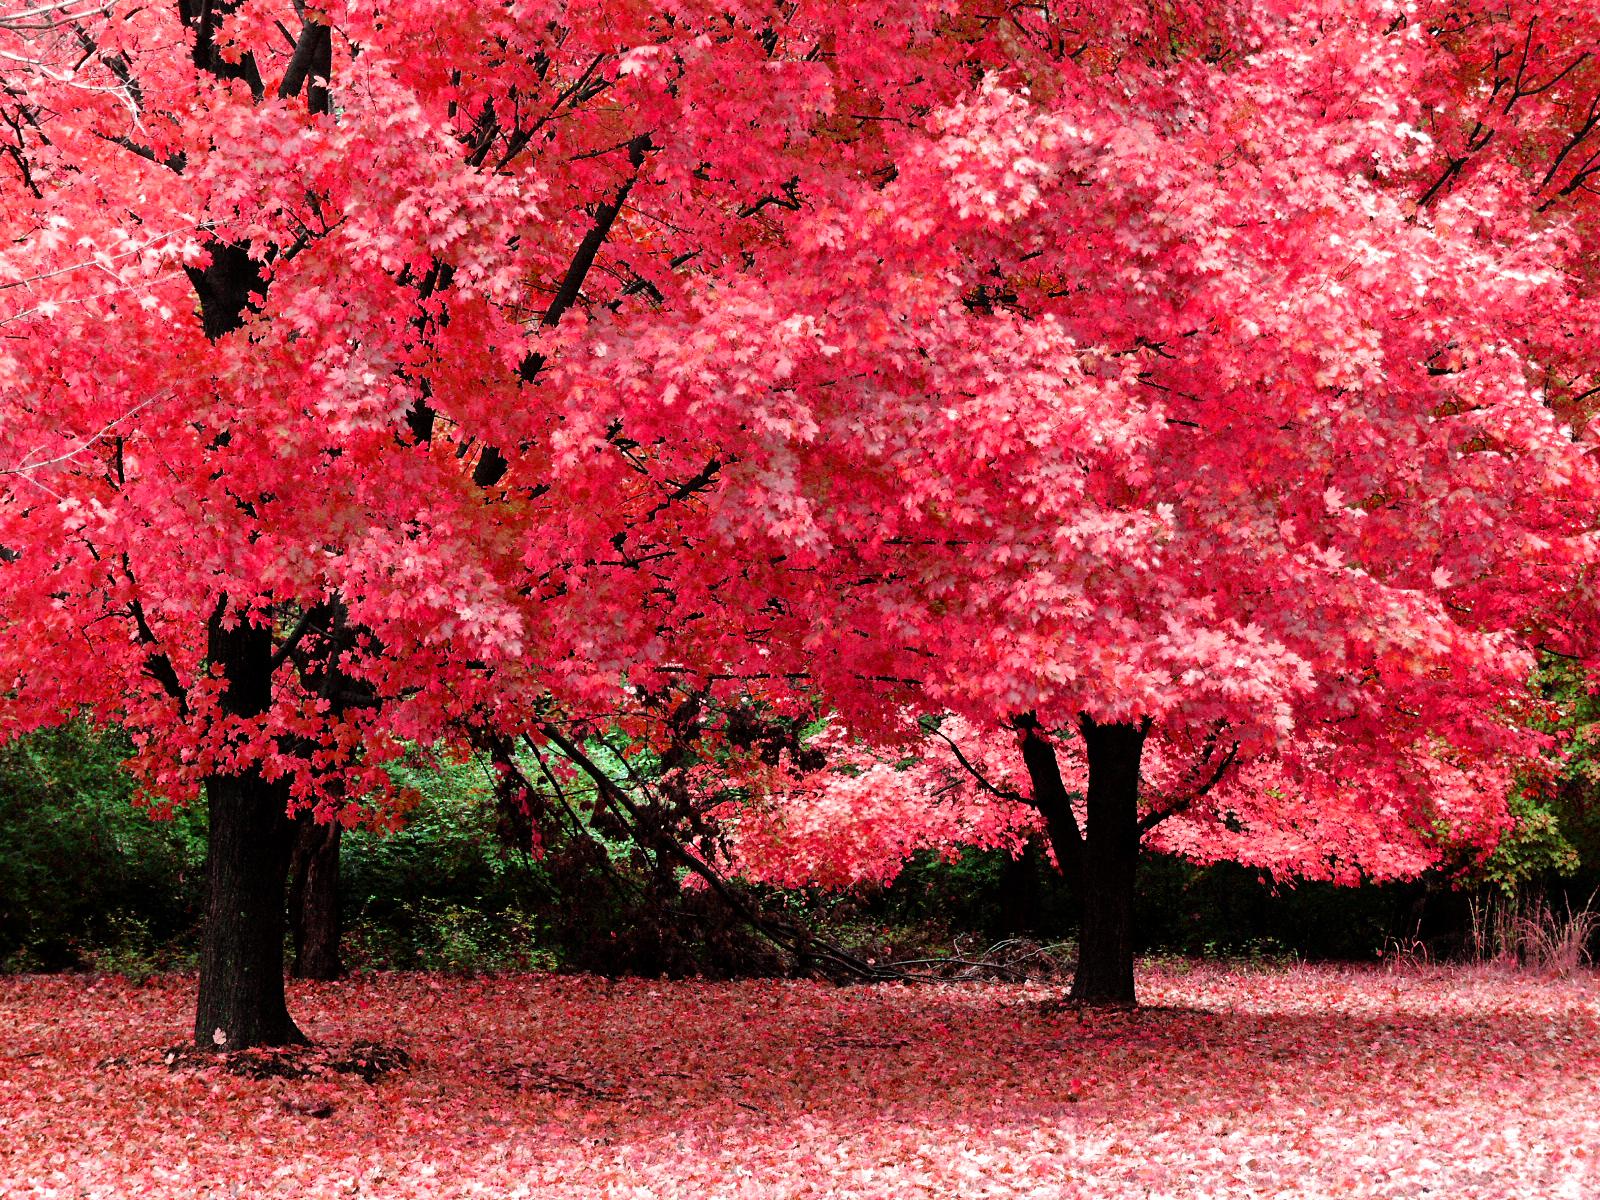 http://2.bp.blogspot.com/-YoQM4Y8nhUA/TqoreDOW5hI/AAAAAAAAQuU/NWADm8n7OlI/s1600/The-best-top-autumn-desktop-wallpapers-32.jpg